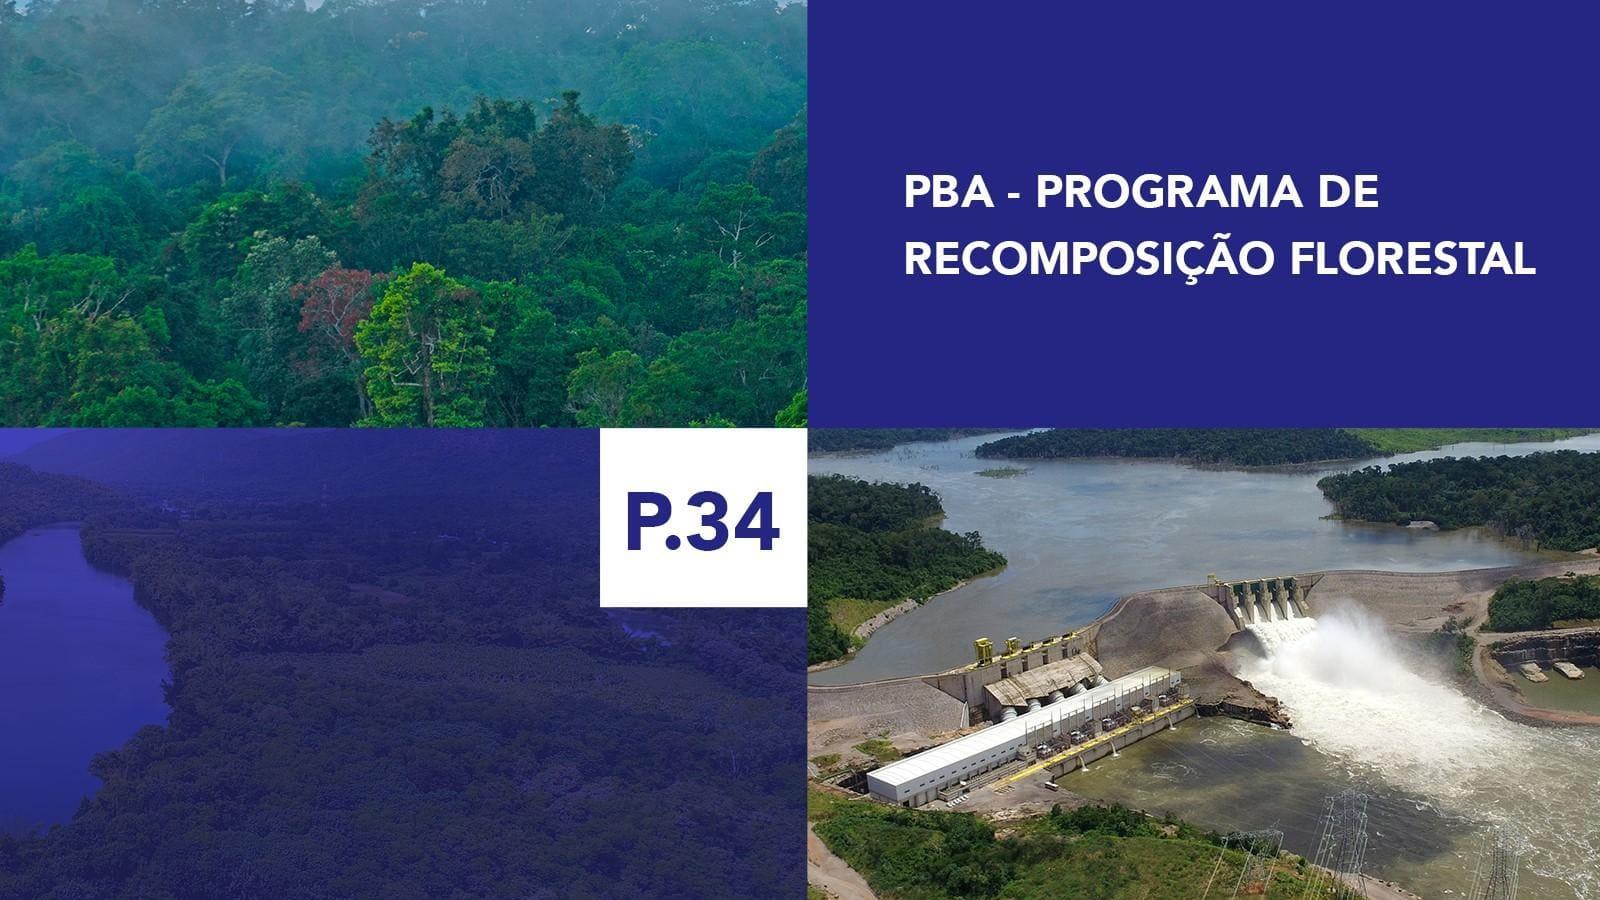 P.34 - Programa de Recomposição Florestal